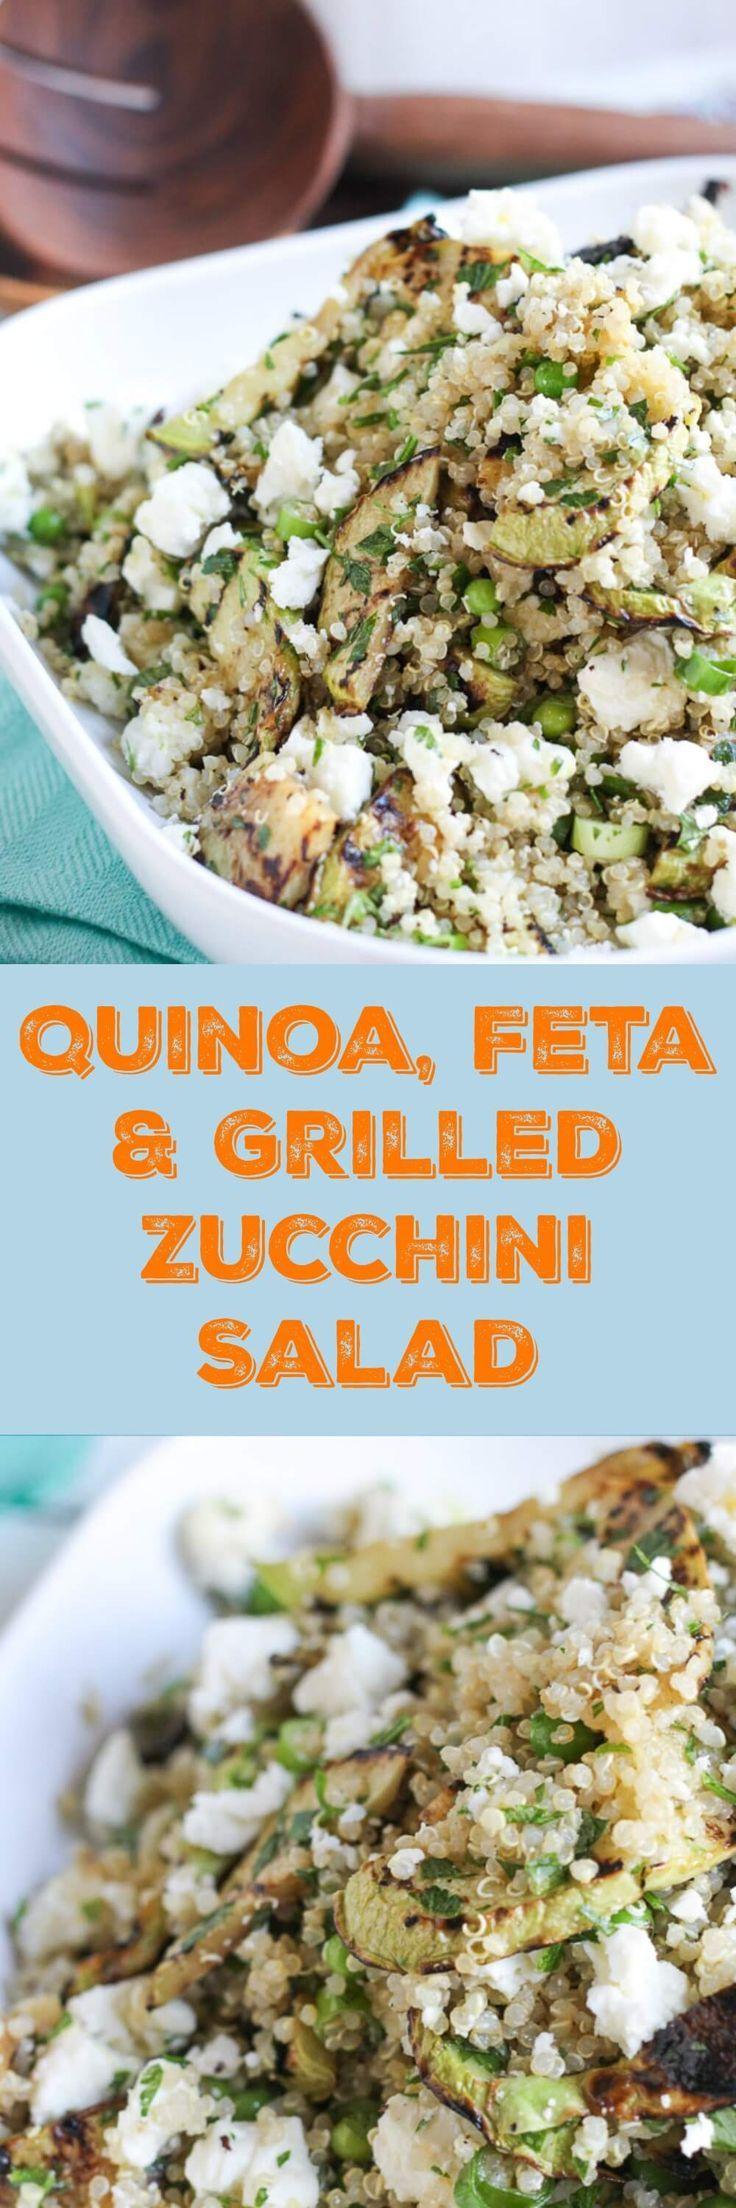 Quinoa, Feta and Grilled Zucchini Salad